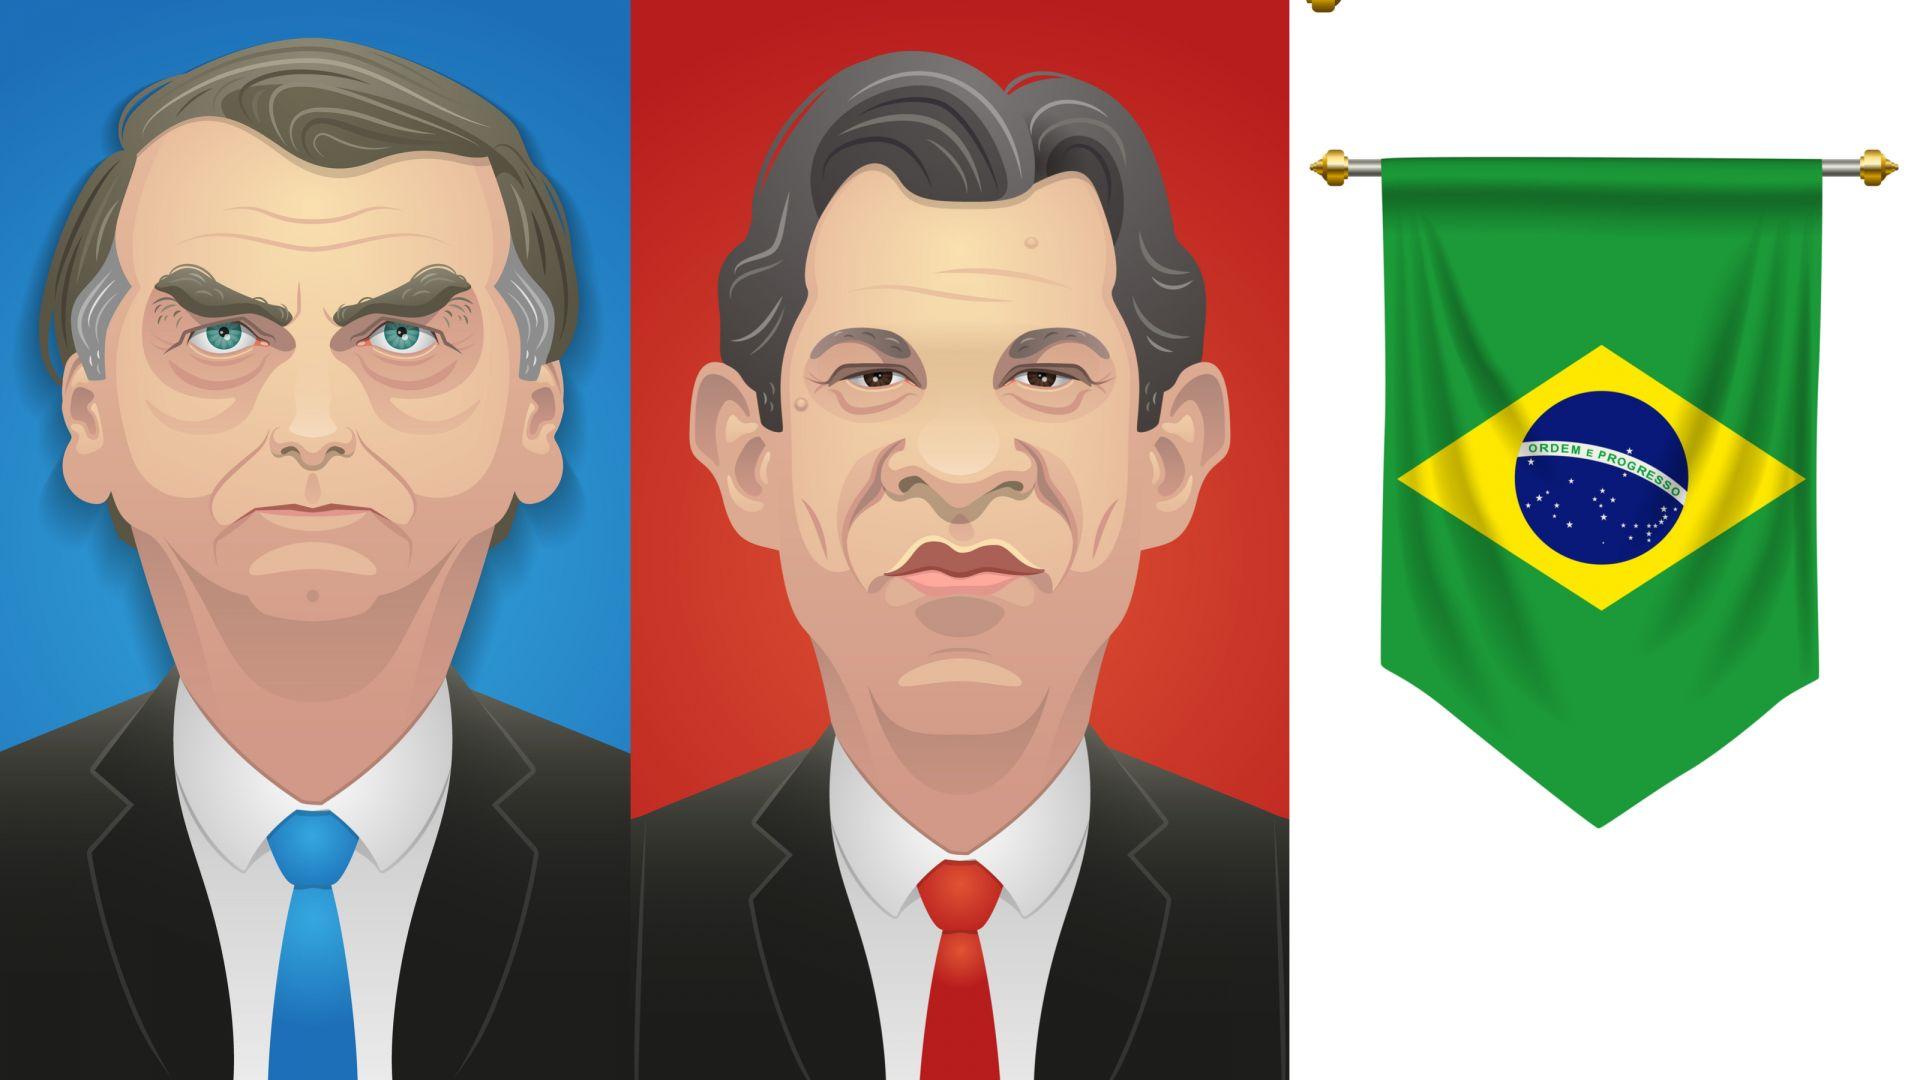 Жаир Болсонаро (вляво) и Фернандо Адад ( в средата) излизат на балотаж в надпреварата за президентския пост в Бразилия